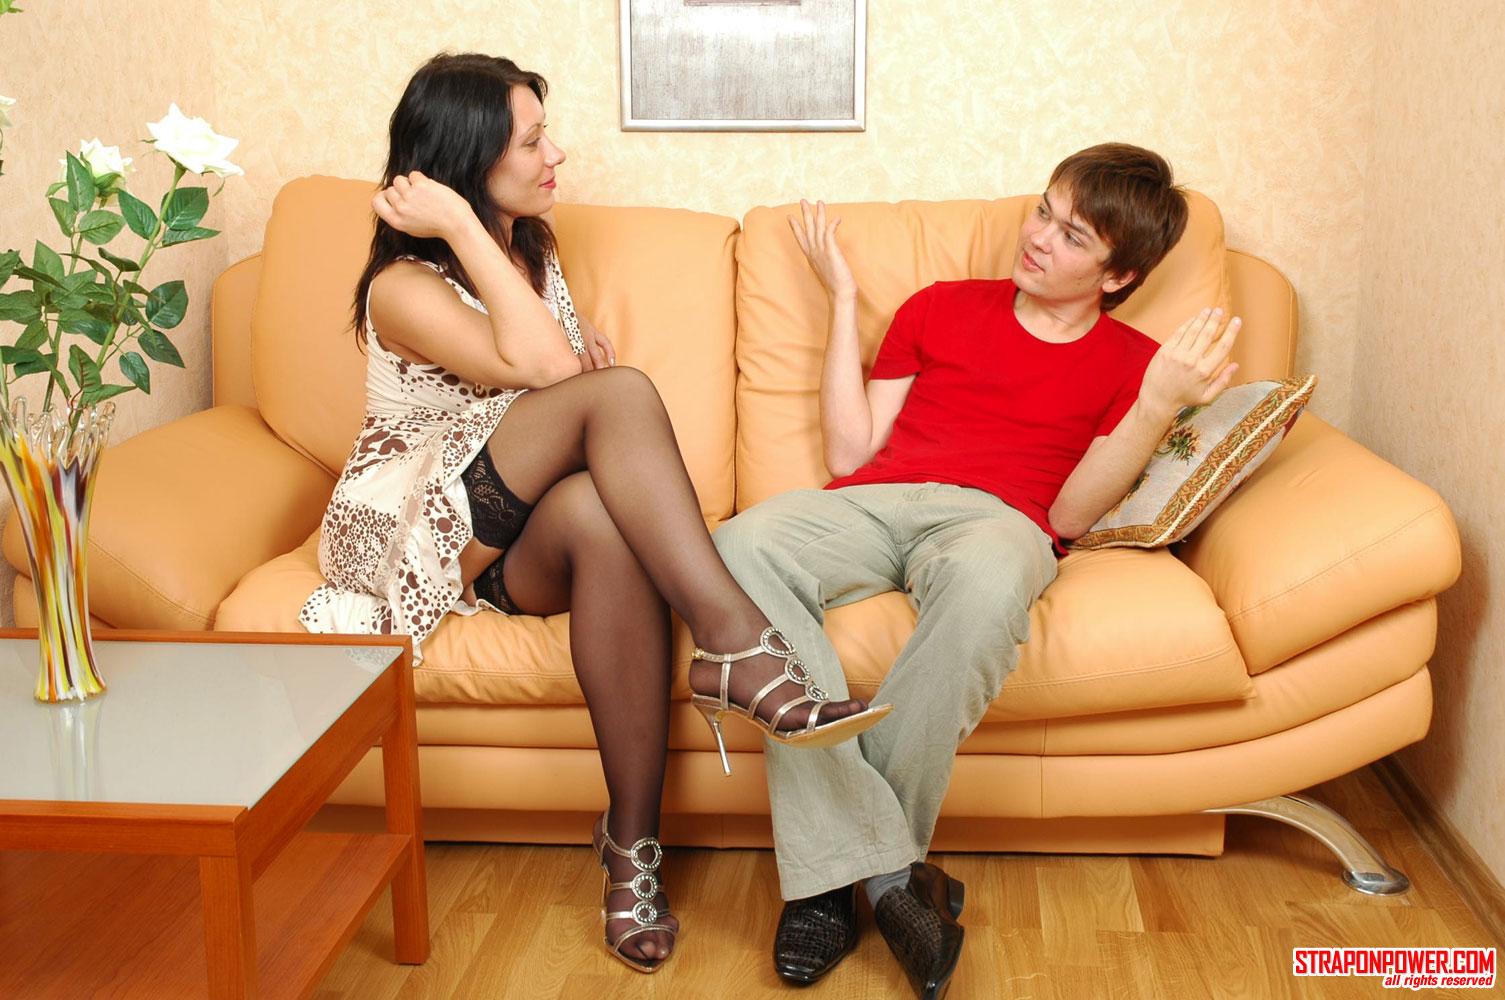 Русские девушки доминирующие в сексе 16 фотография